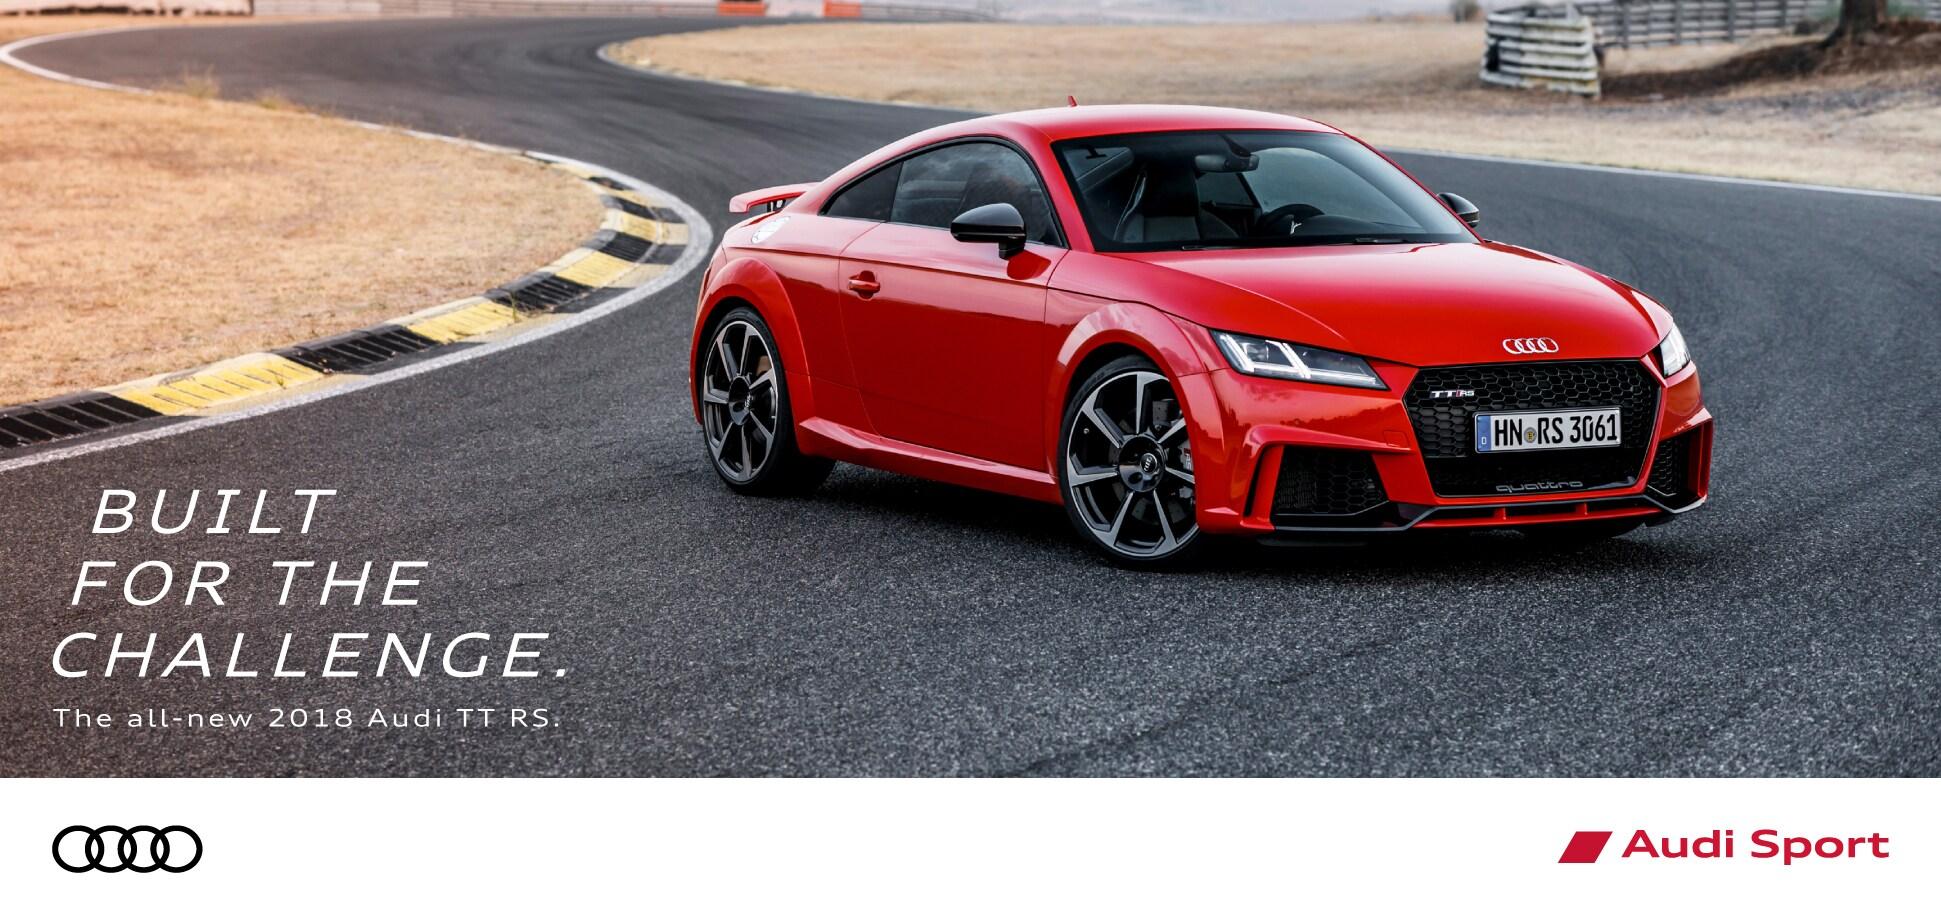 Audi TT RS Toronto For Sale - 2018 audi tt rs